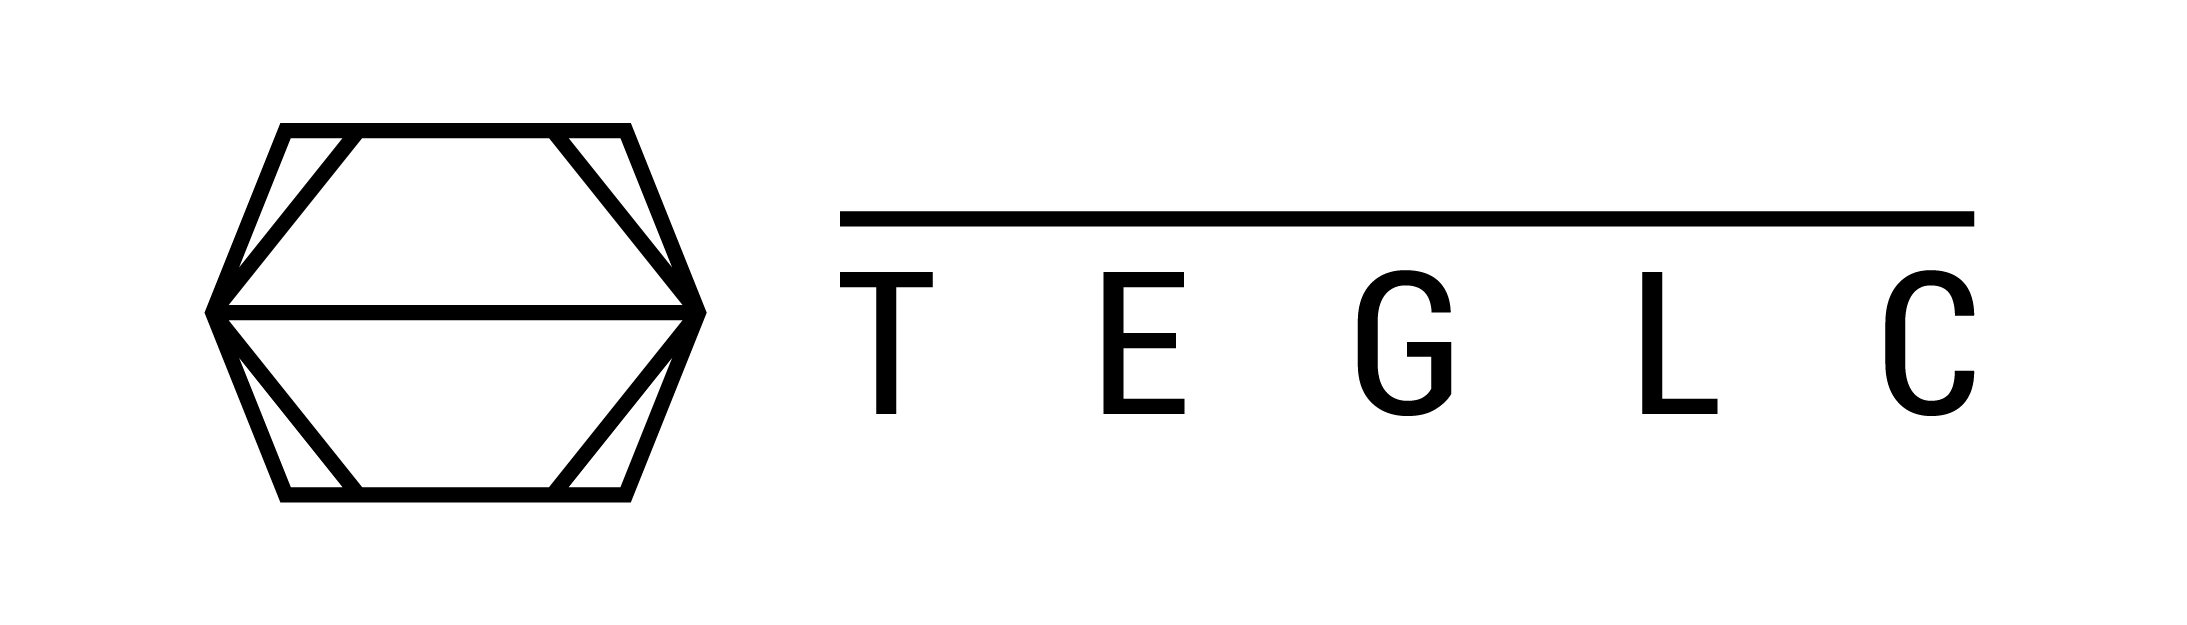 Teglc